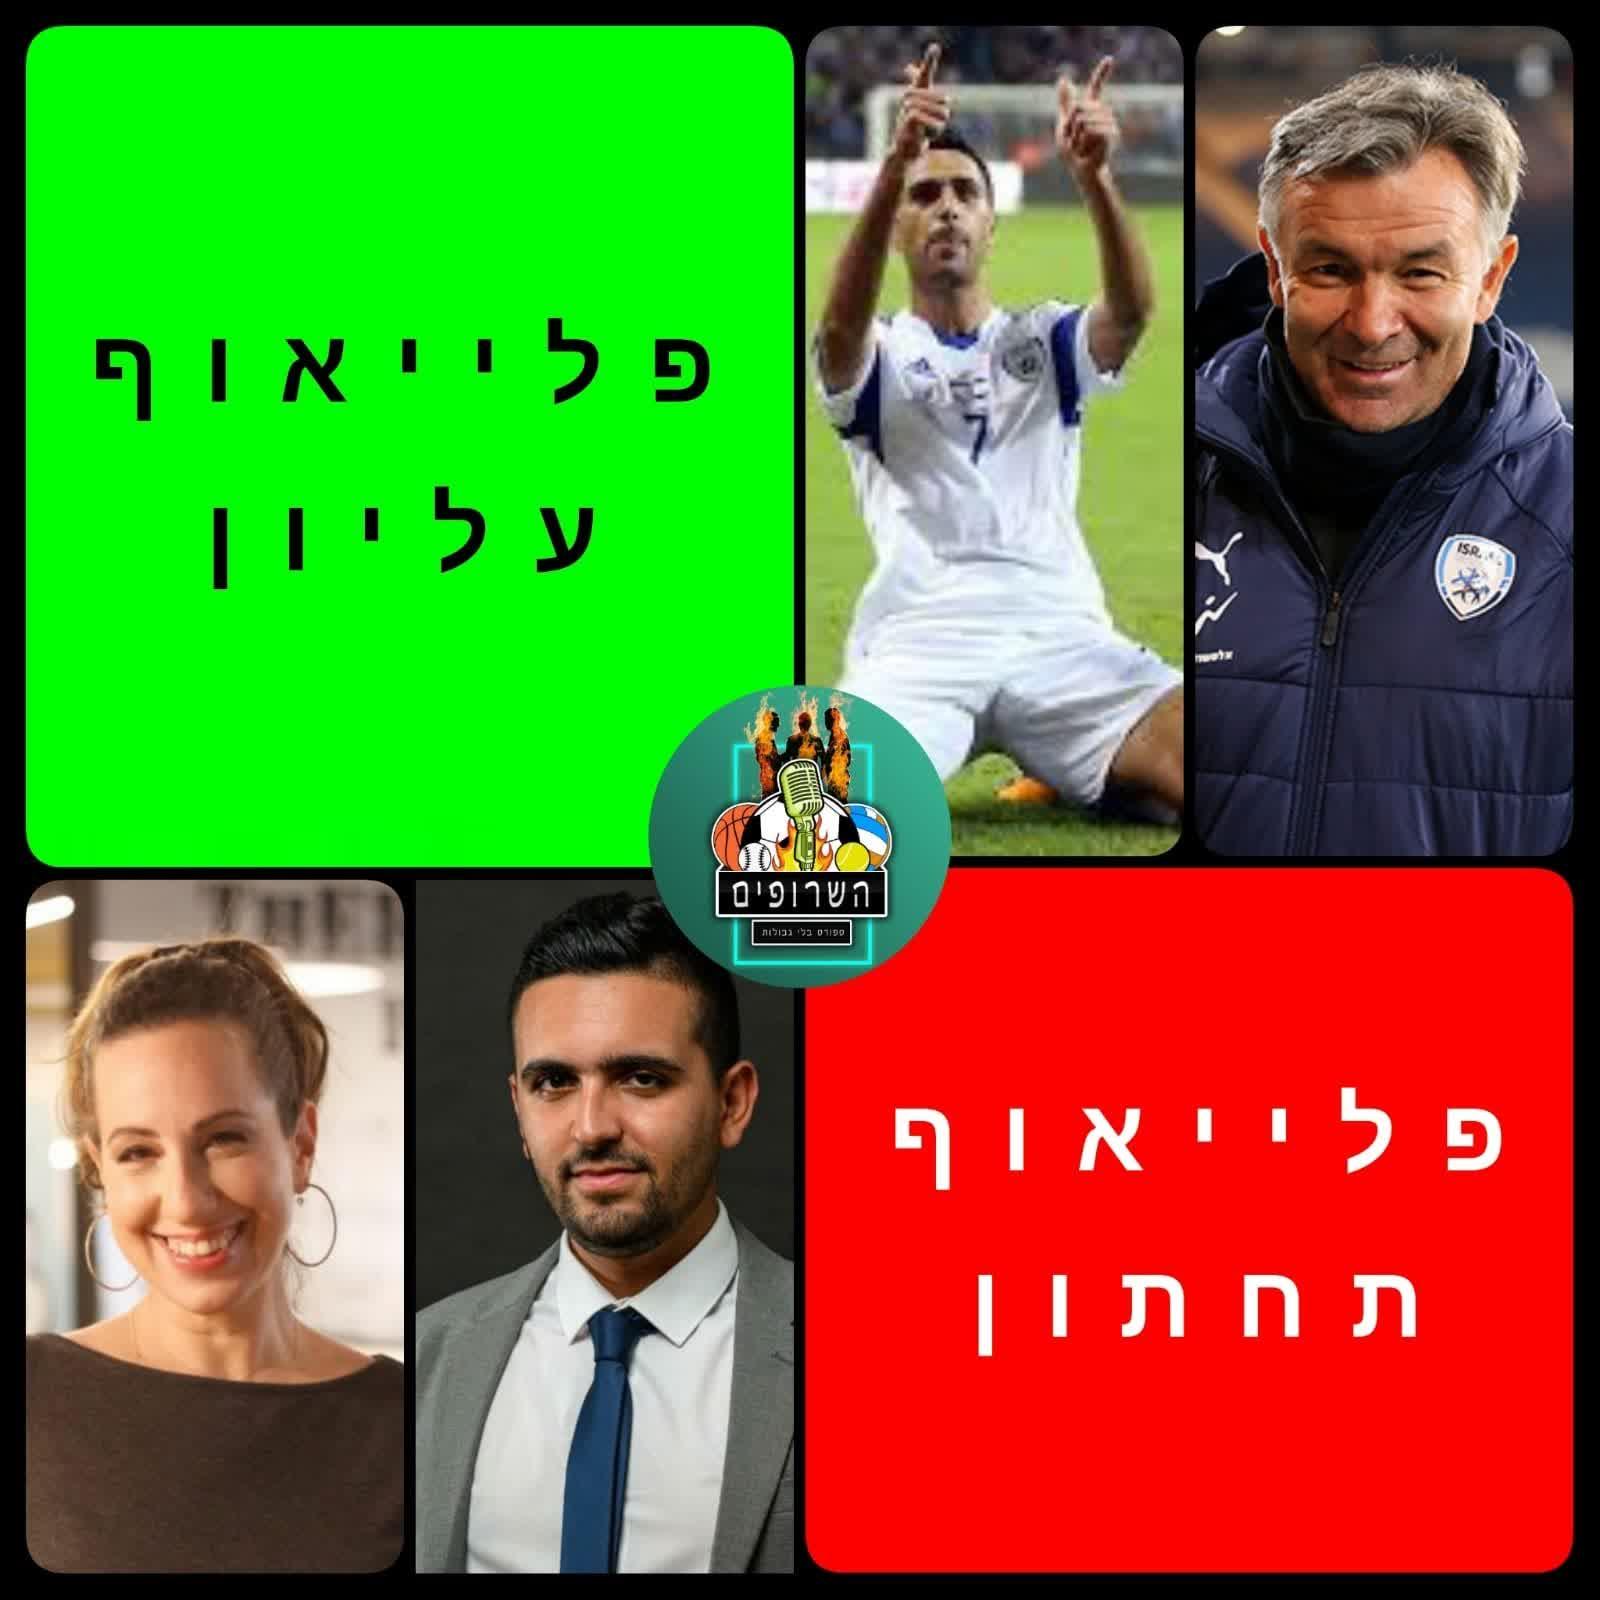 מפגרת הנבחרות ועד לכדורגל פלסטיני: פרק 9 עם טליה לוין ואור אליעז